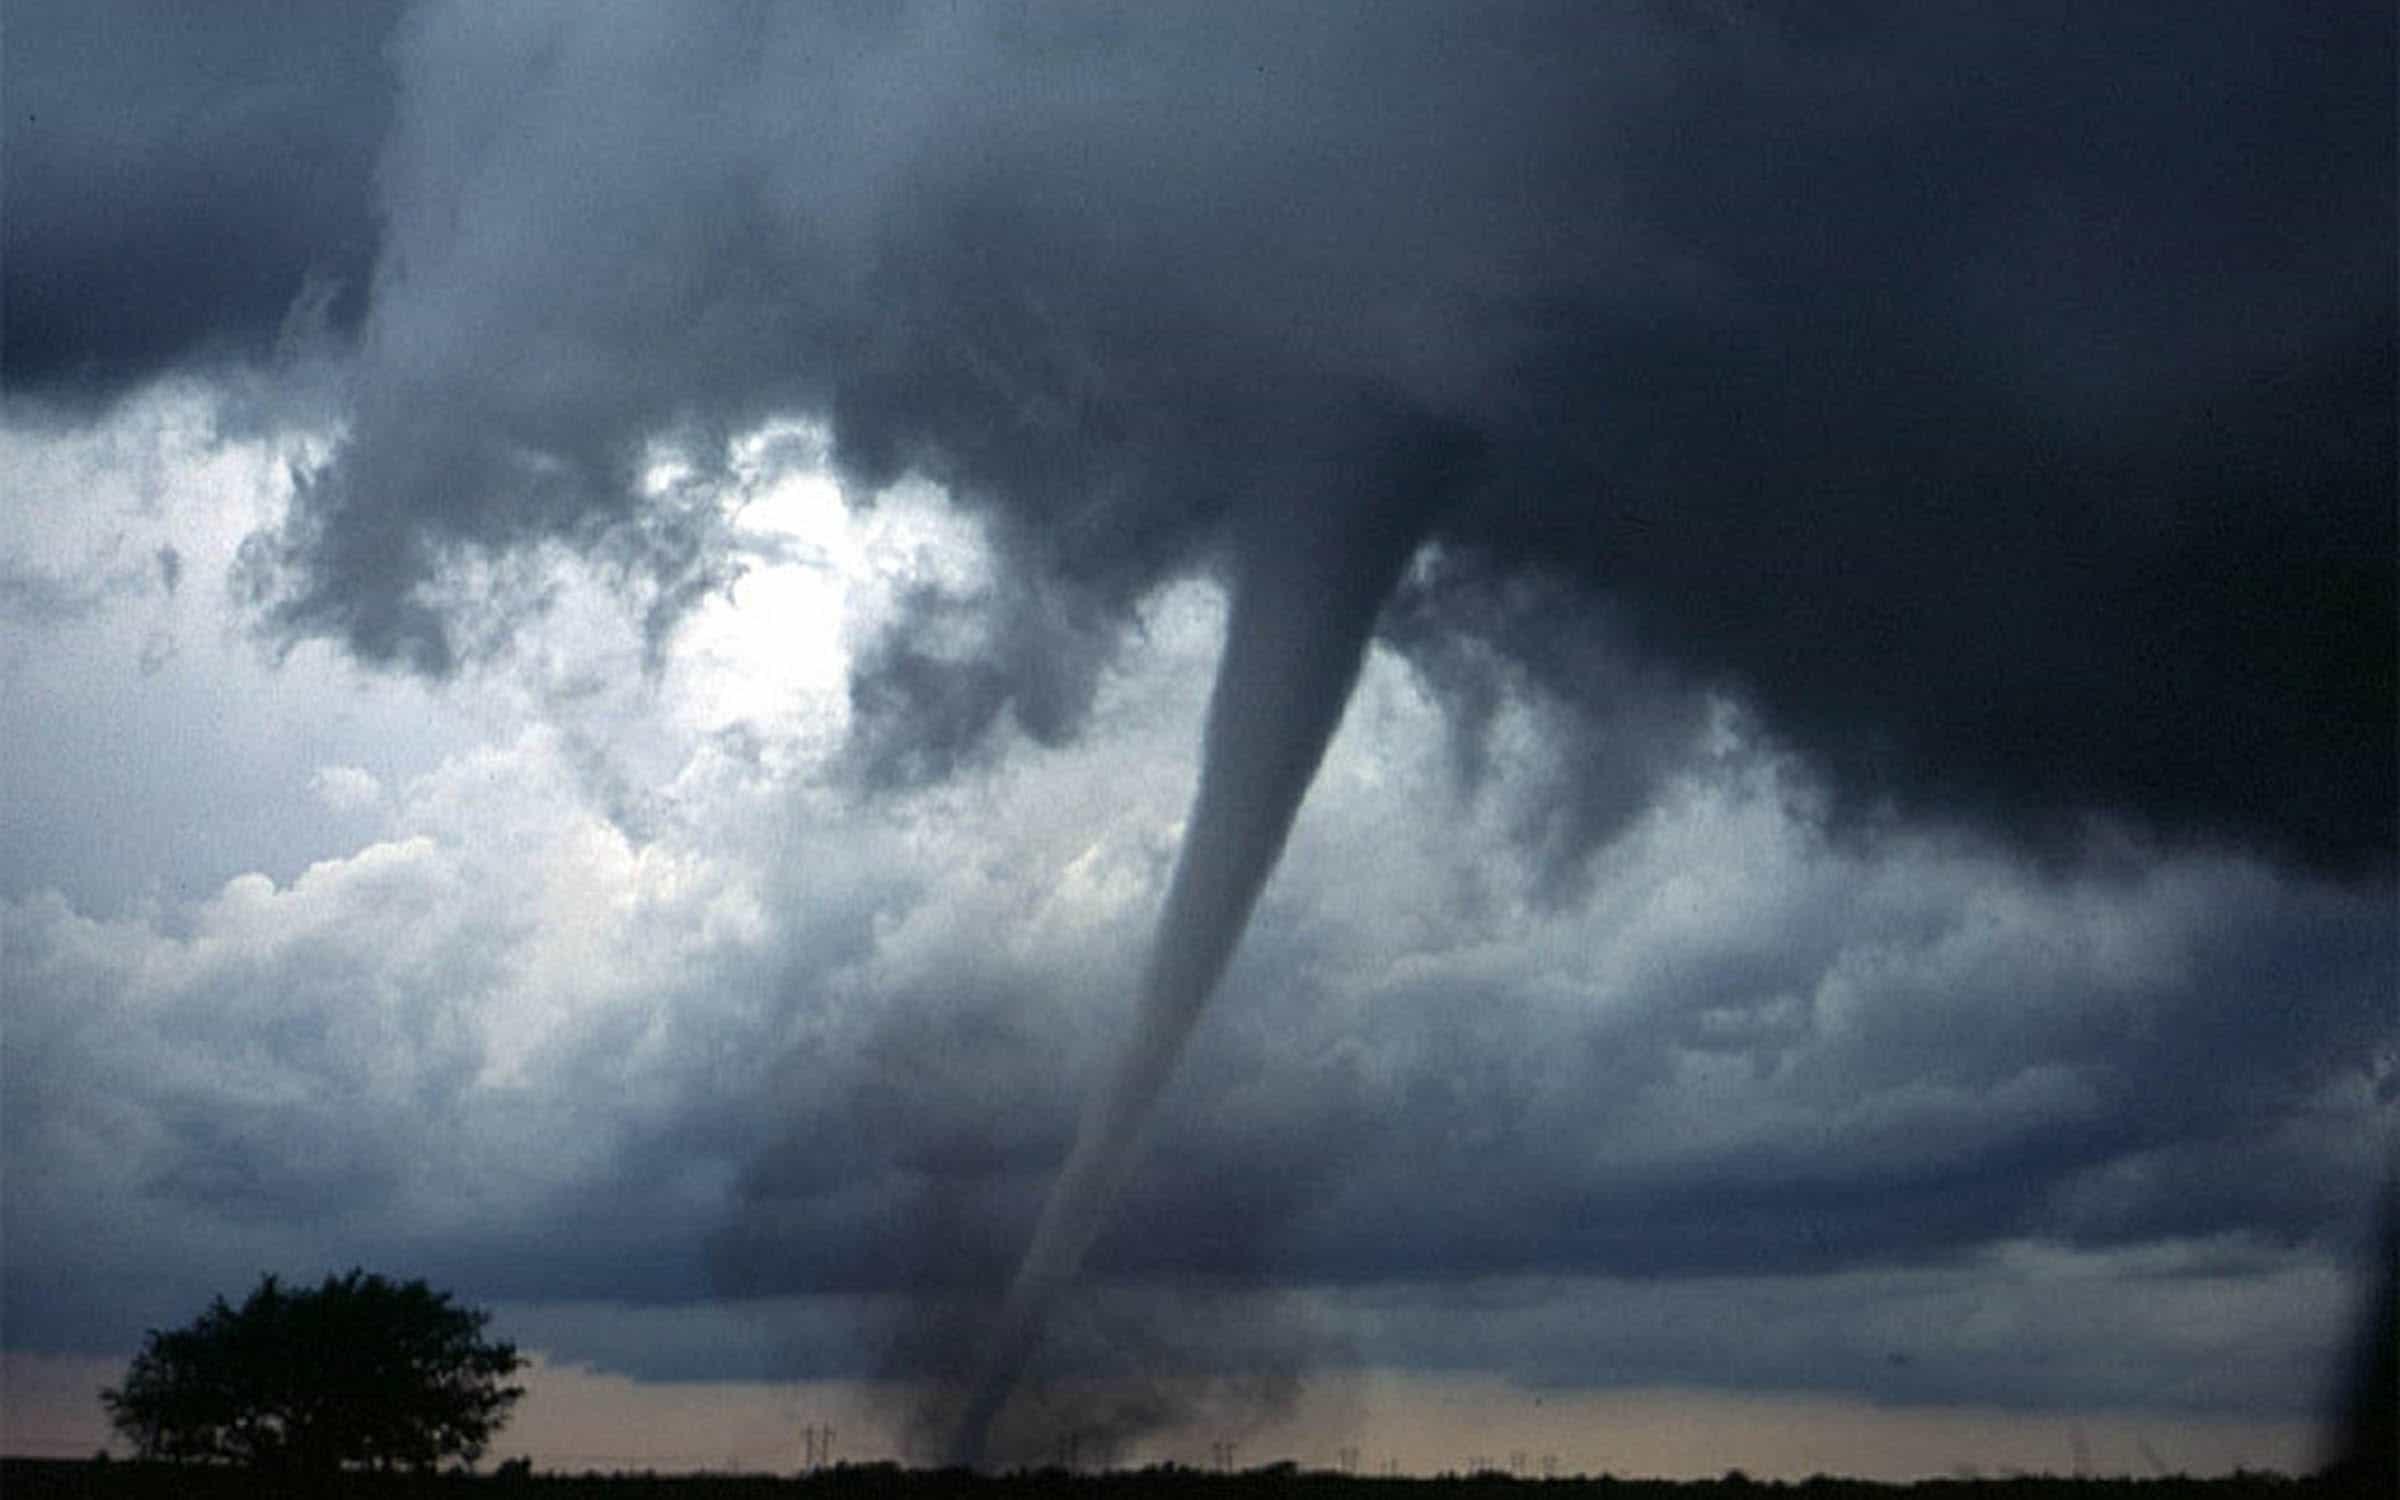 Il maltempo fa tappa al Sud: è allarme nubifragi, grandinate e tornadi per le prossime ore